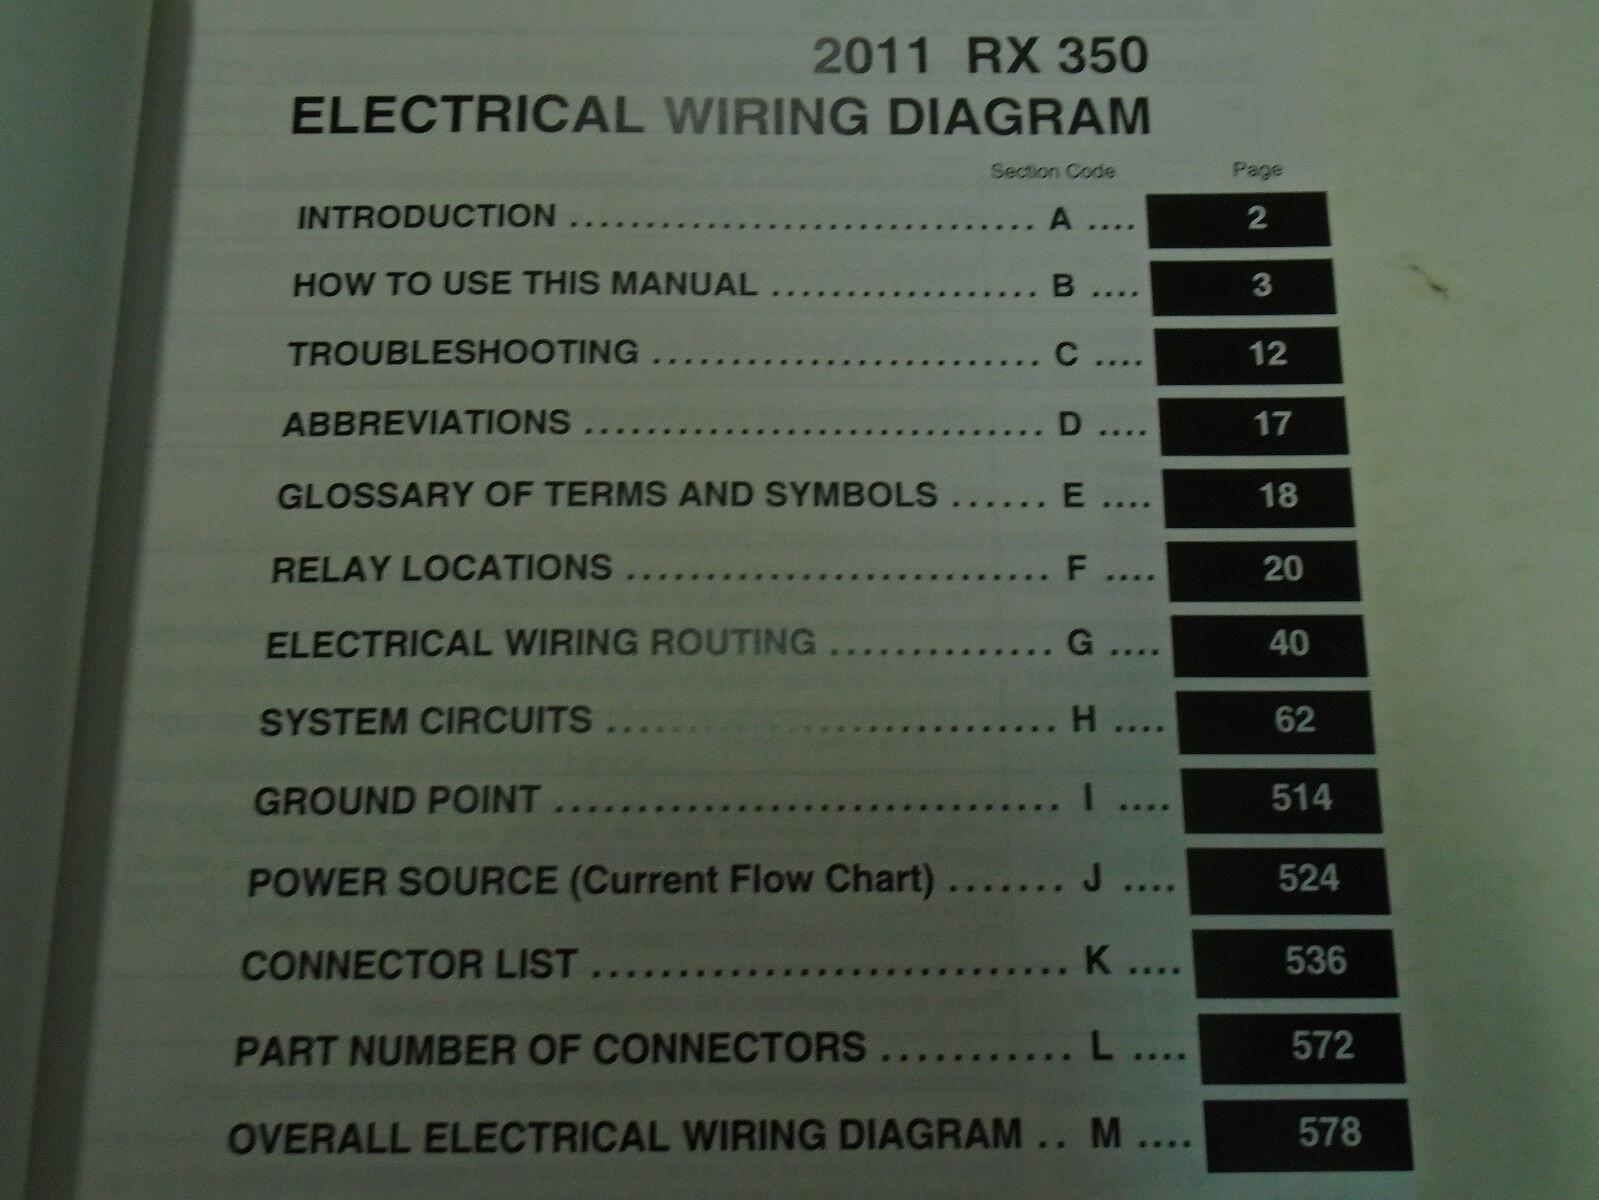 2011 Lexus RX350 Rx 350 Elektrisch Wiring Service Shop Reparatur Manuell Ewd image 2